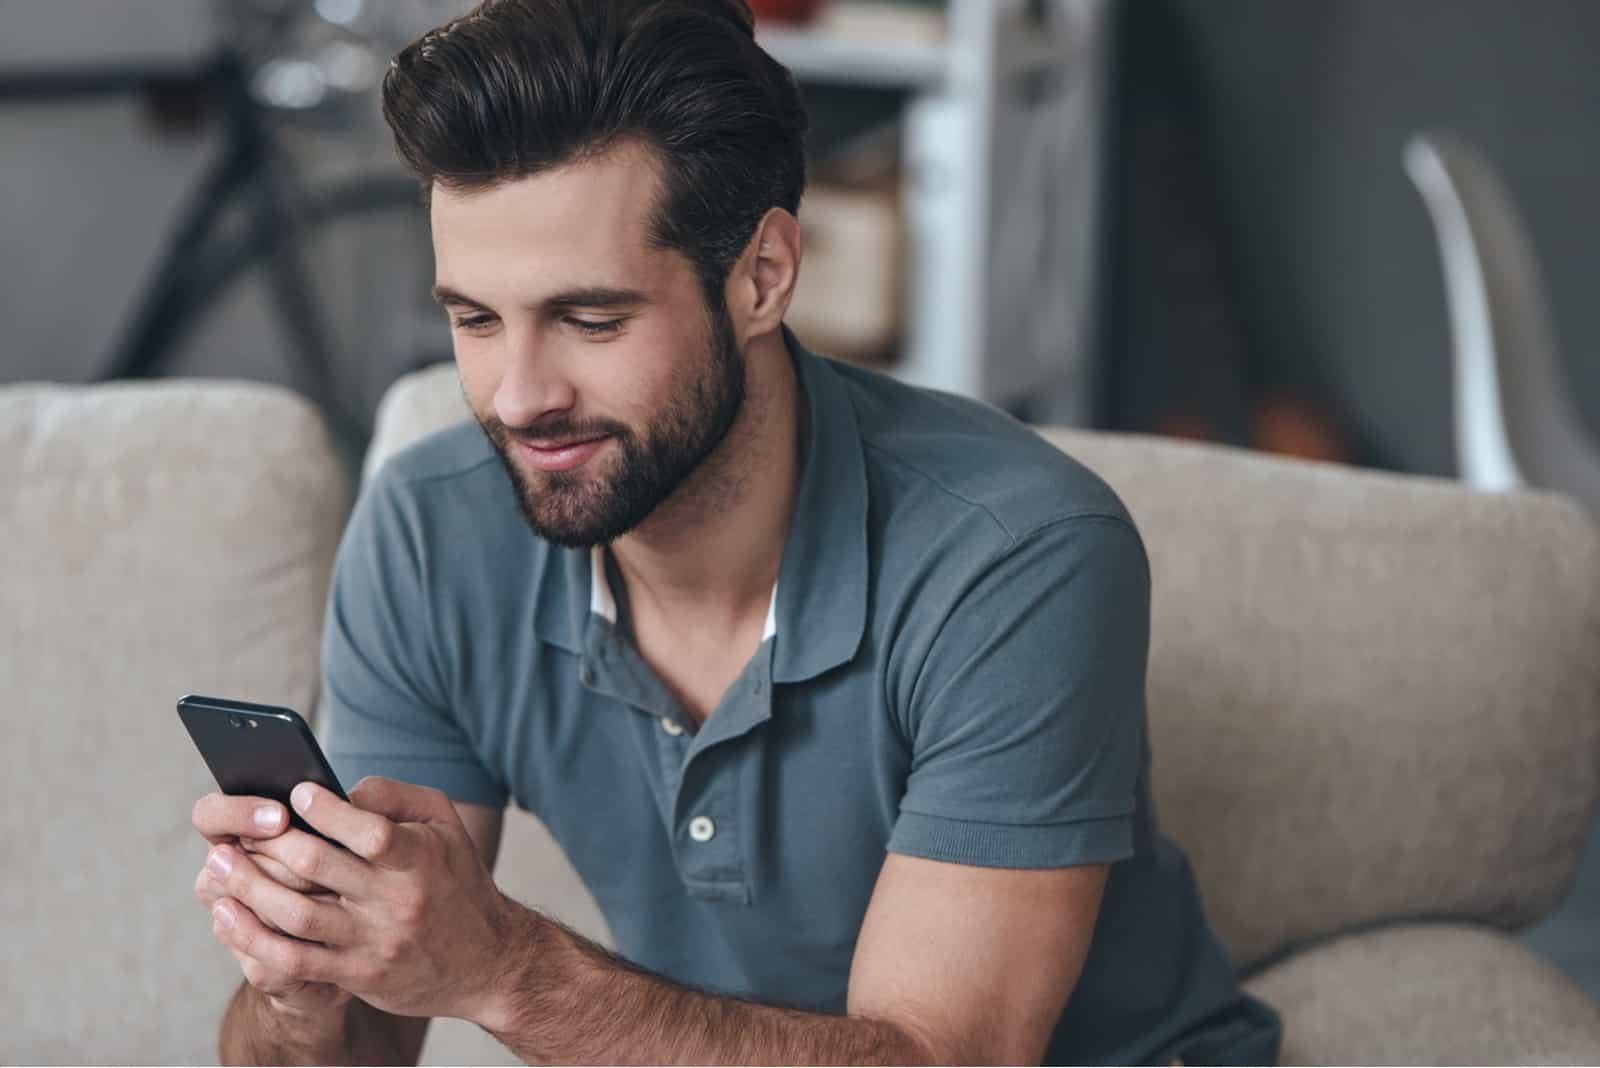 un homme souriant est assis sur le canapé et les touches du téléphone